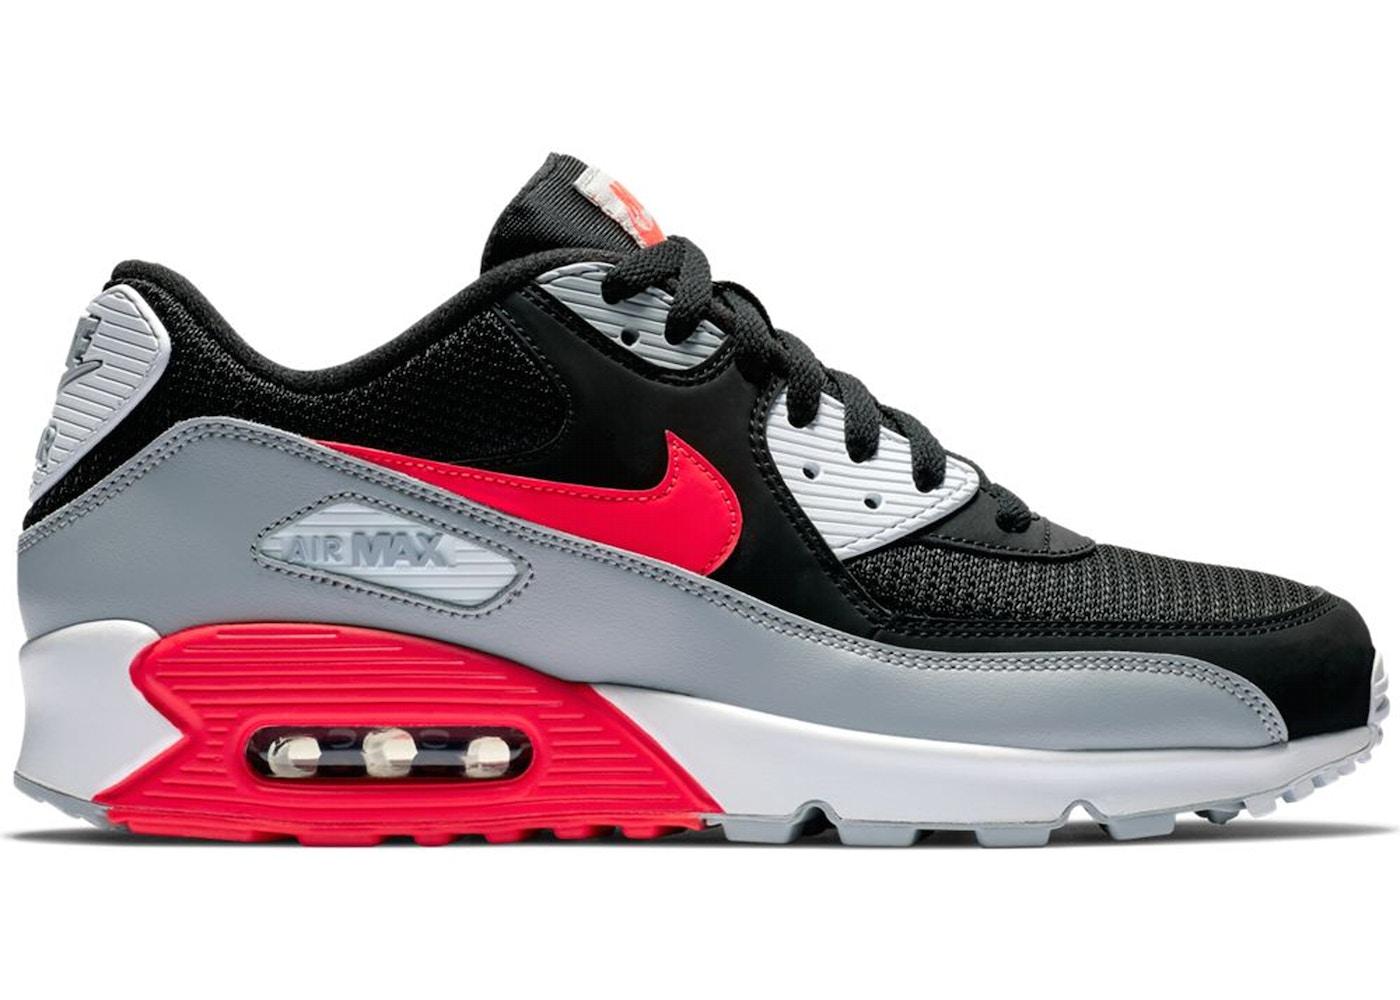 Nike Air Max 90 Shoes Highest Bid